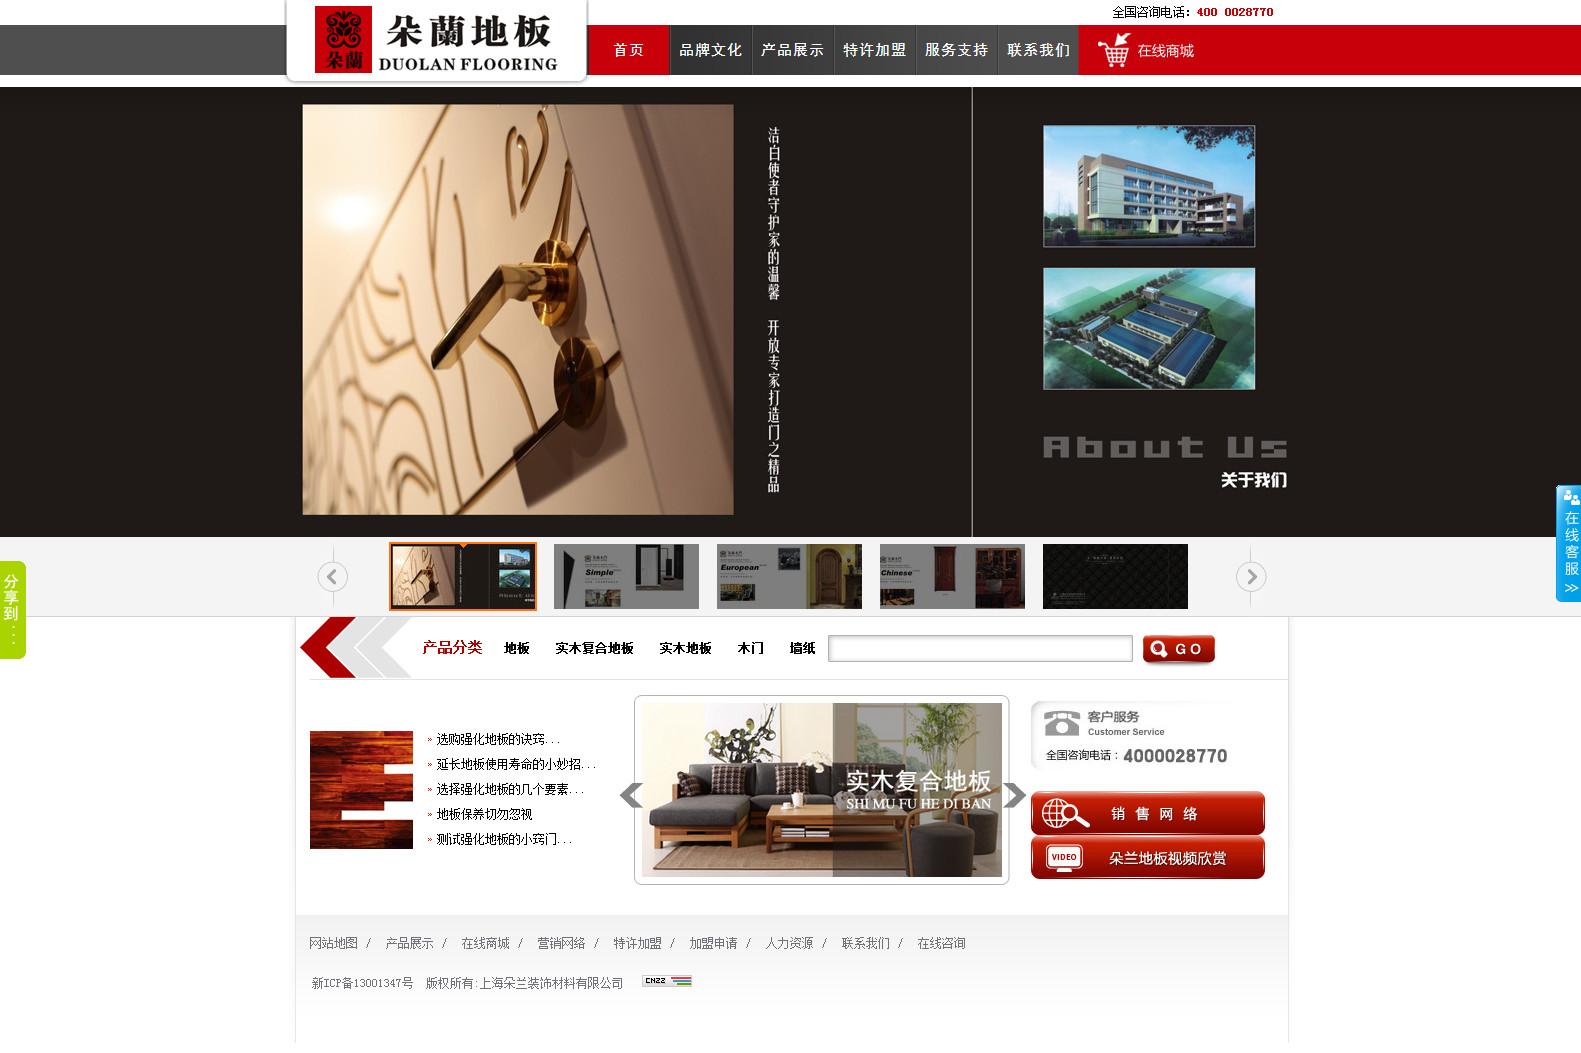 上海朵兰装饰材料有限公司首页